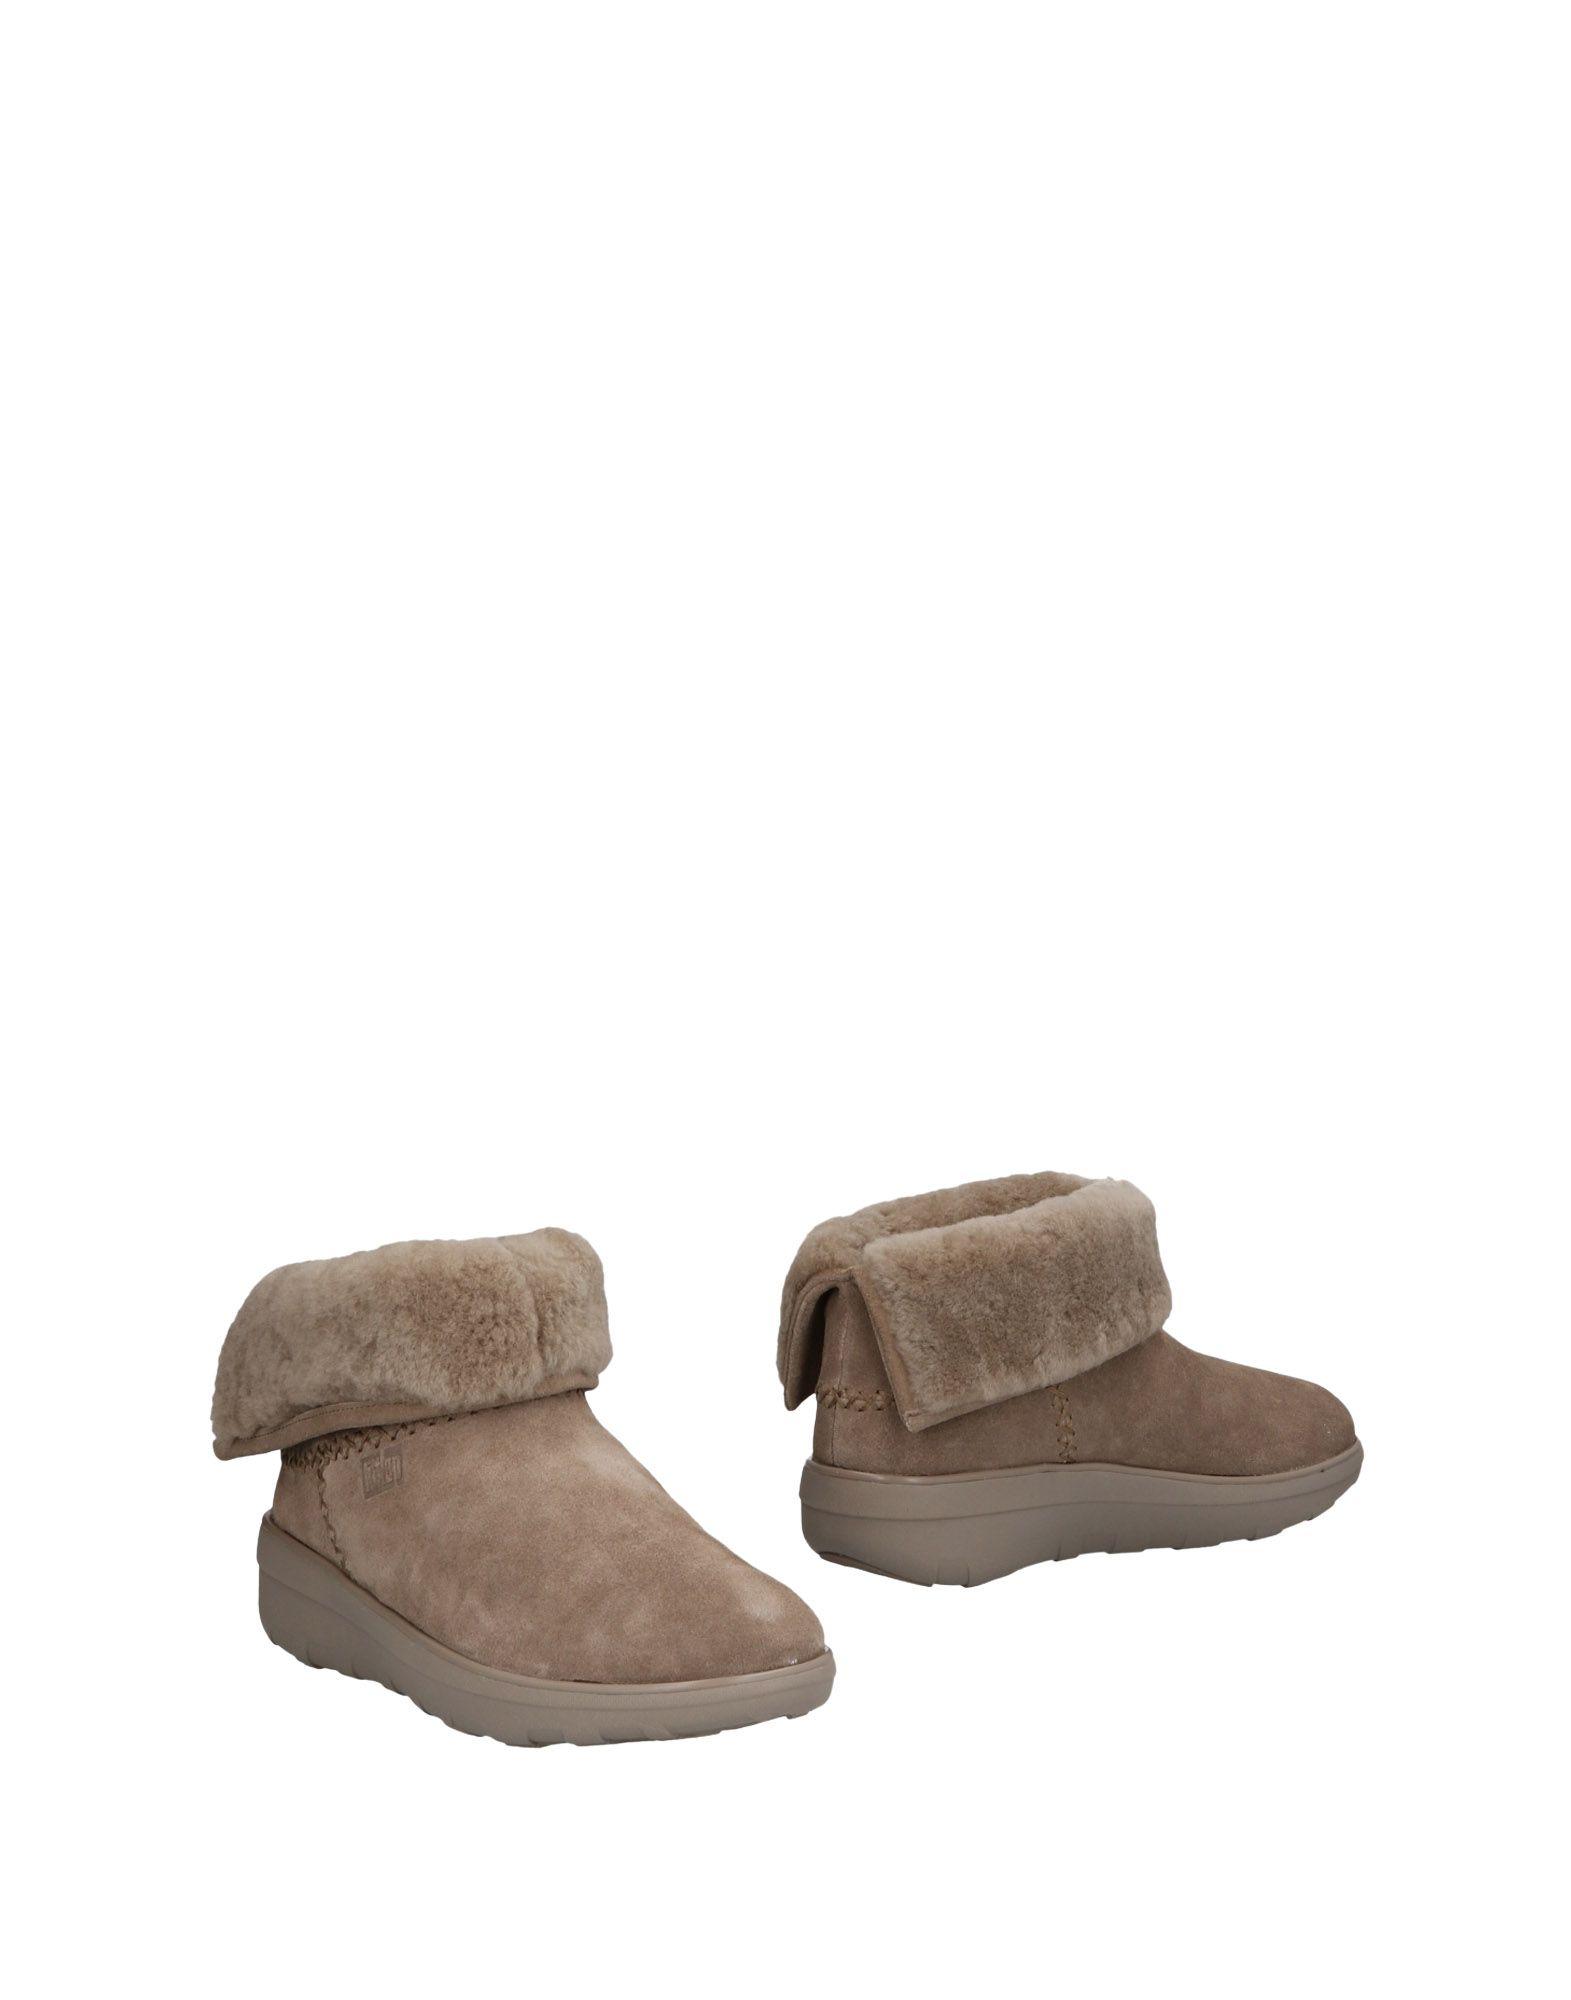 Fitflop Stiefelette Damen  11471783BM Gute Qualität beliebte Schuhe